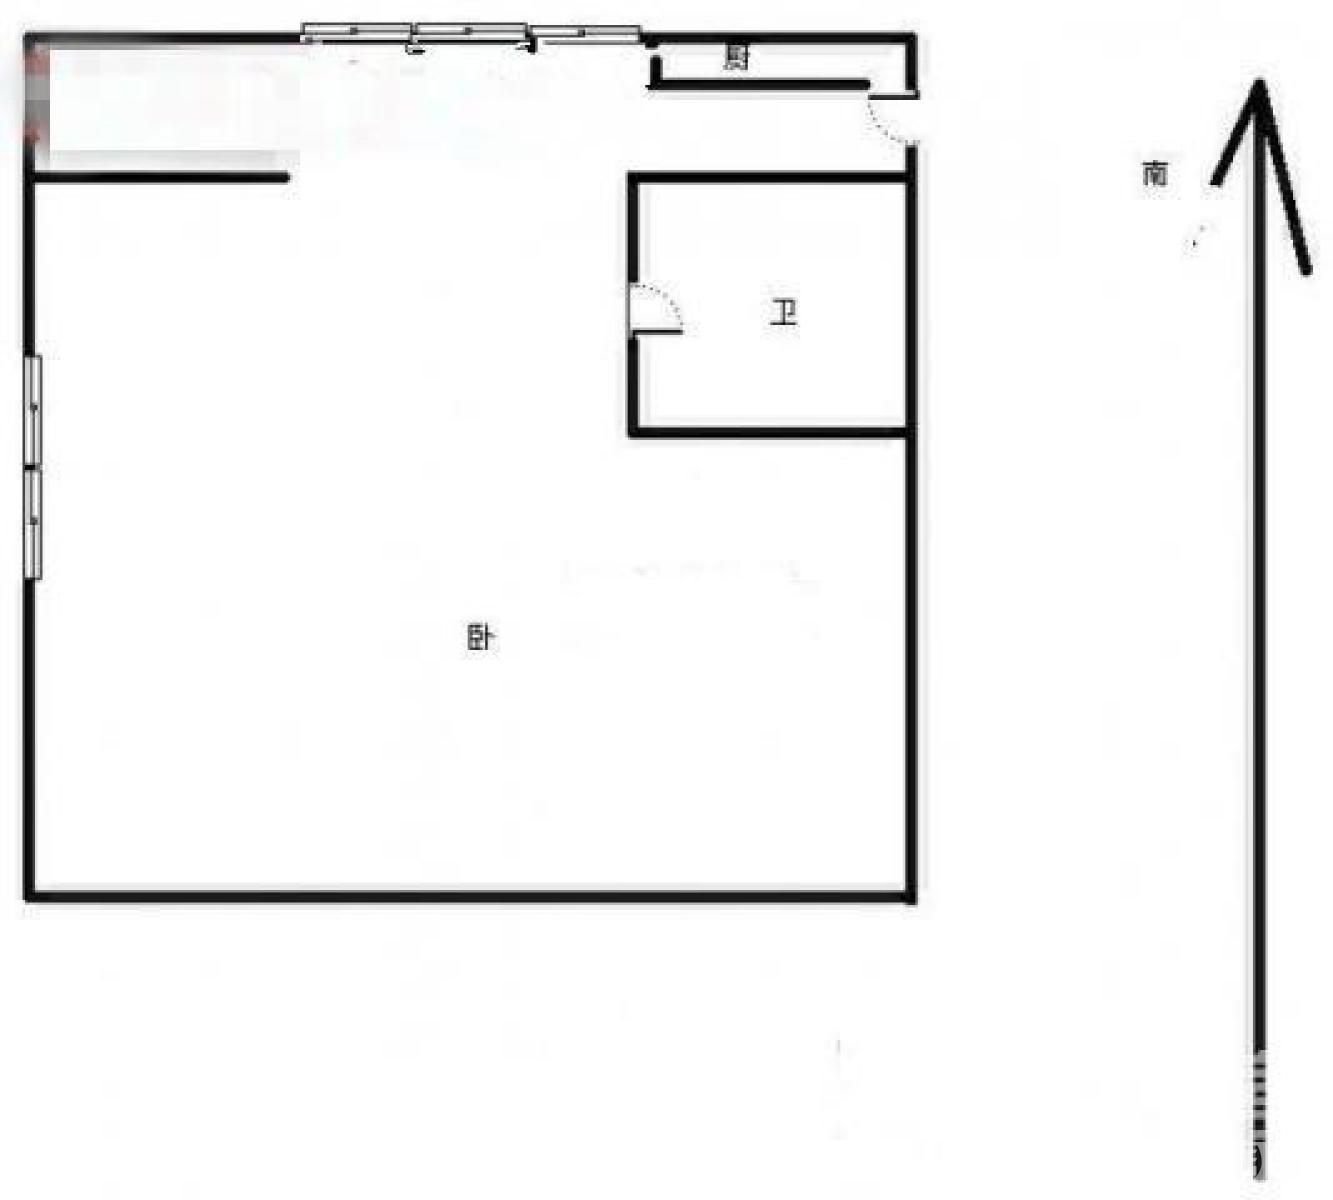 鼓楼区大桥南路圣淘沙花城1室0厅户型图